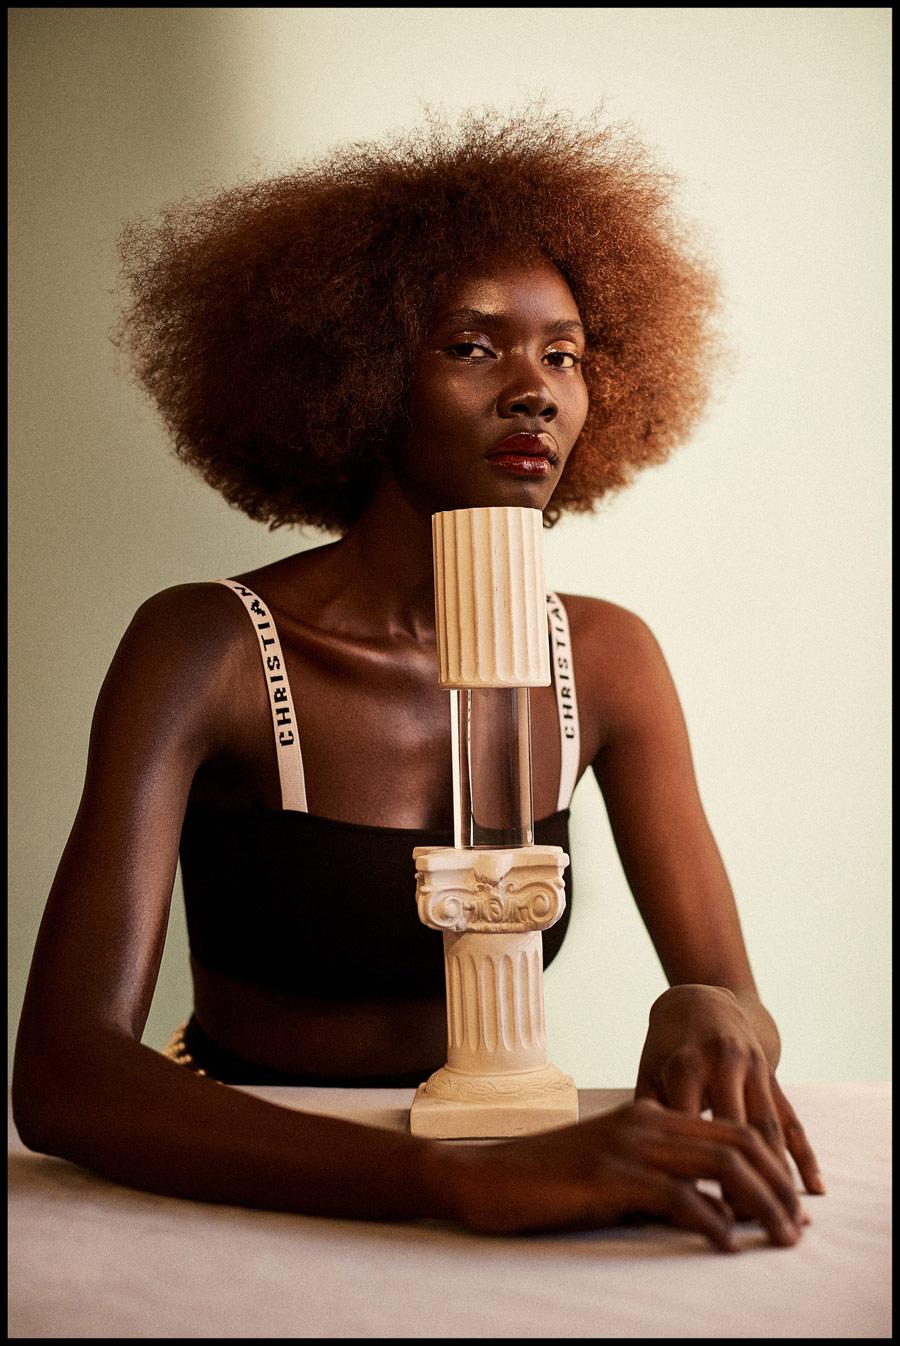 Новая классика<br> © Рикардо Ривера, Бруклин, США, Гран-при конкурса, 1 место в категории «Редакционная / Знаменитости», «Взгляд» — фотоконкурс на тему «Мода» | PDN The Look